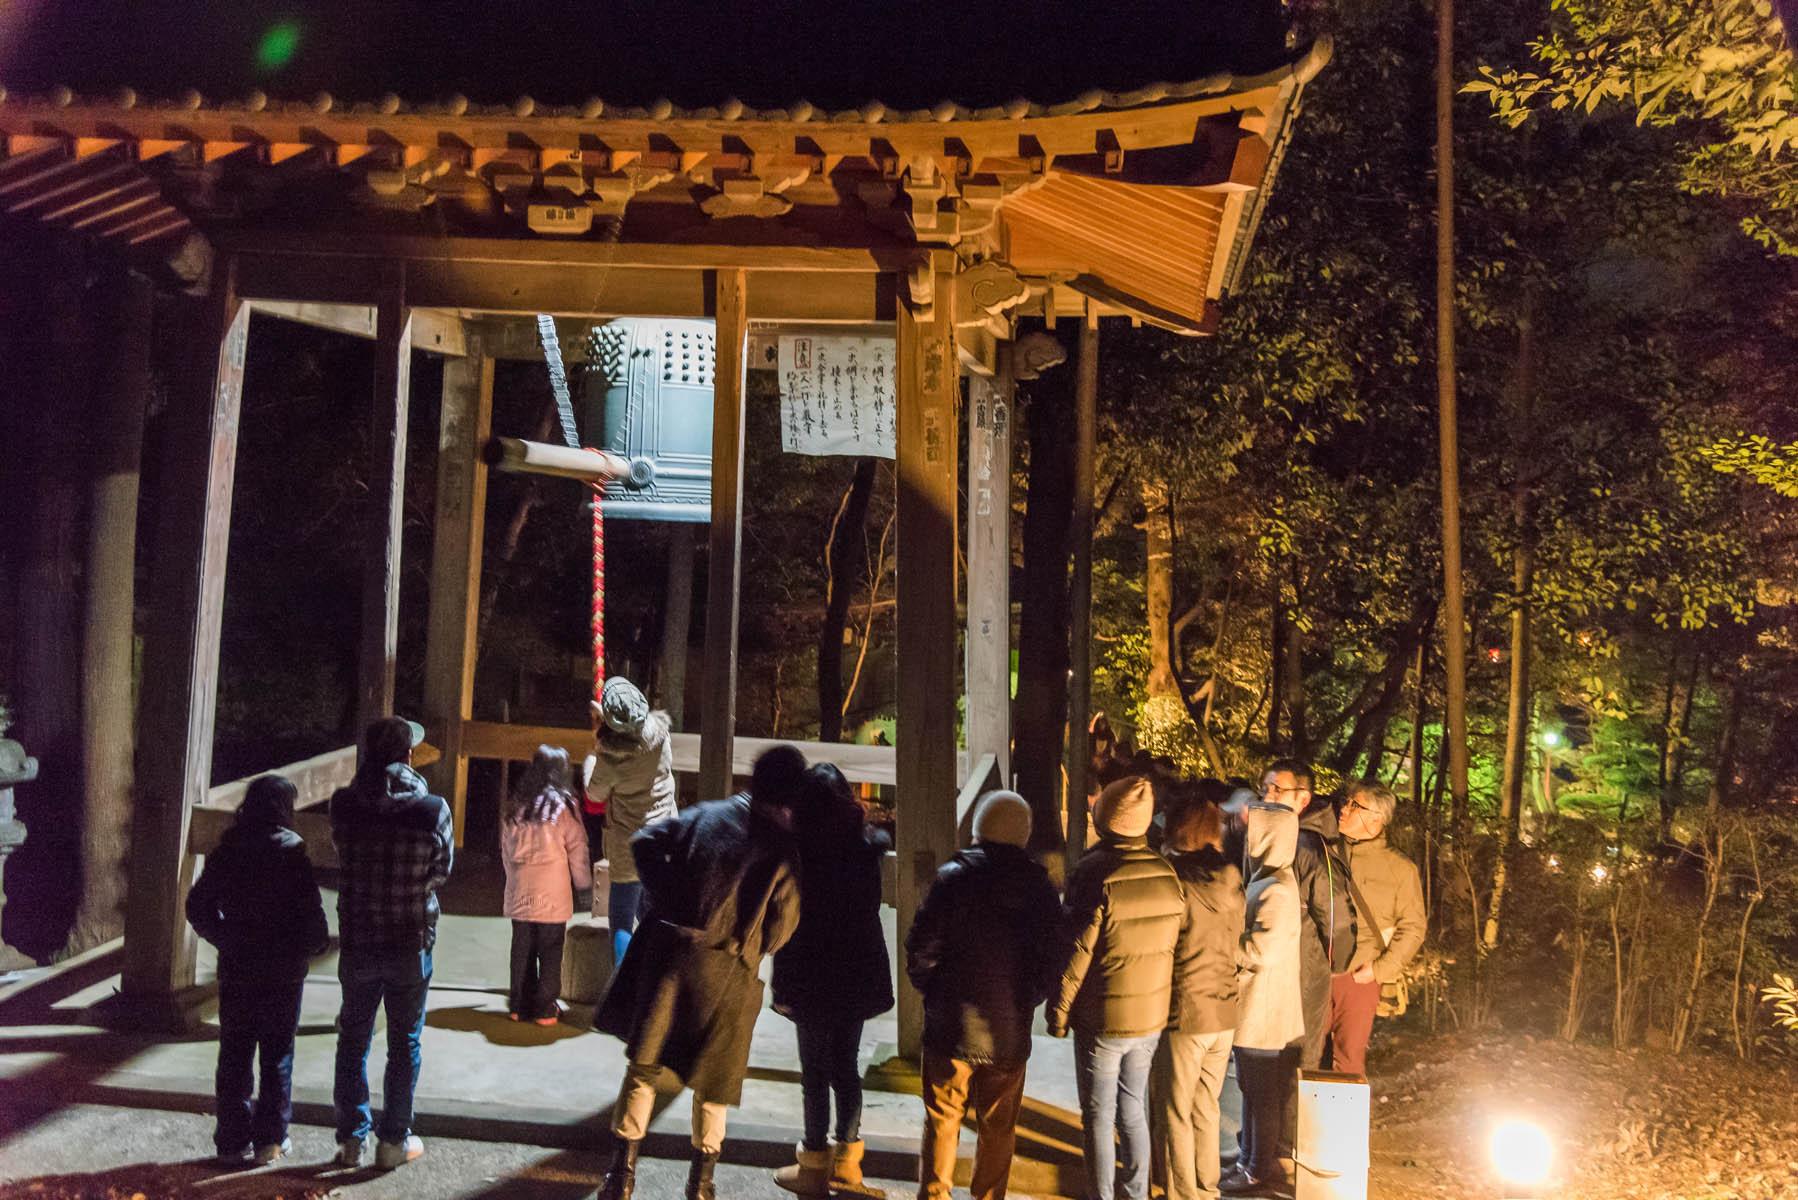 安楽寺(吉見観音)除夜の鐘 板東札所第11番 岩殿山 安楽寺